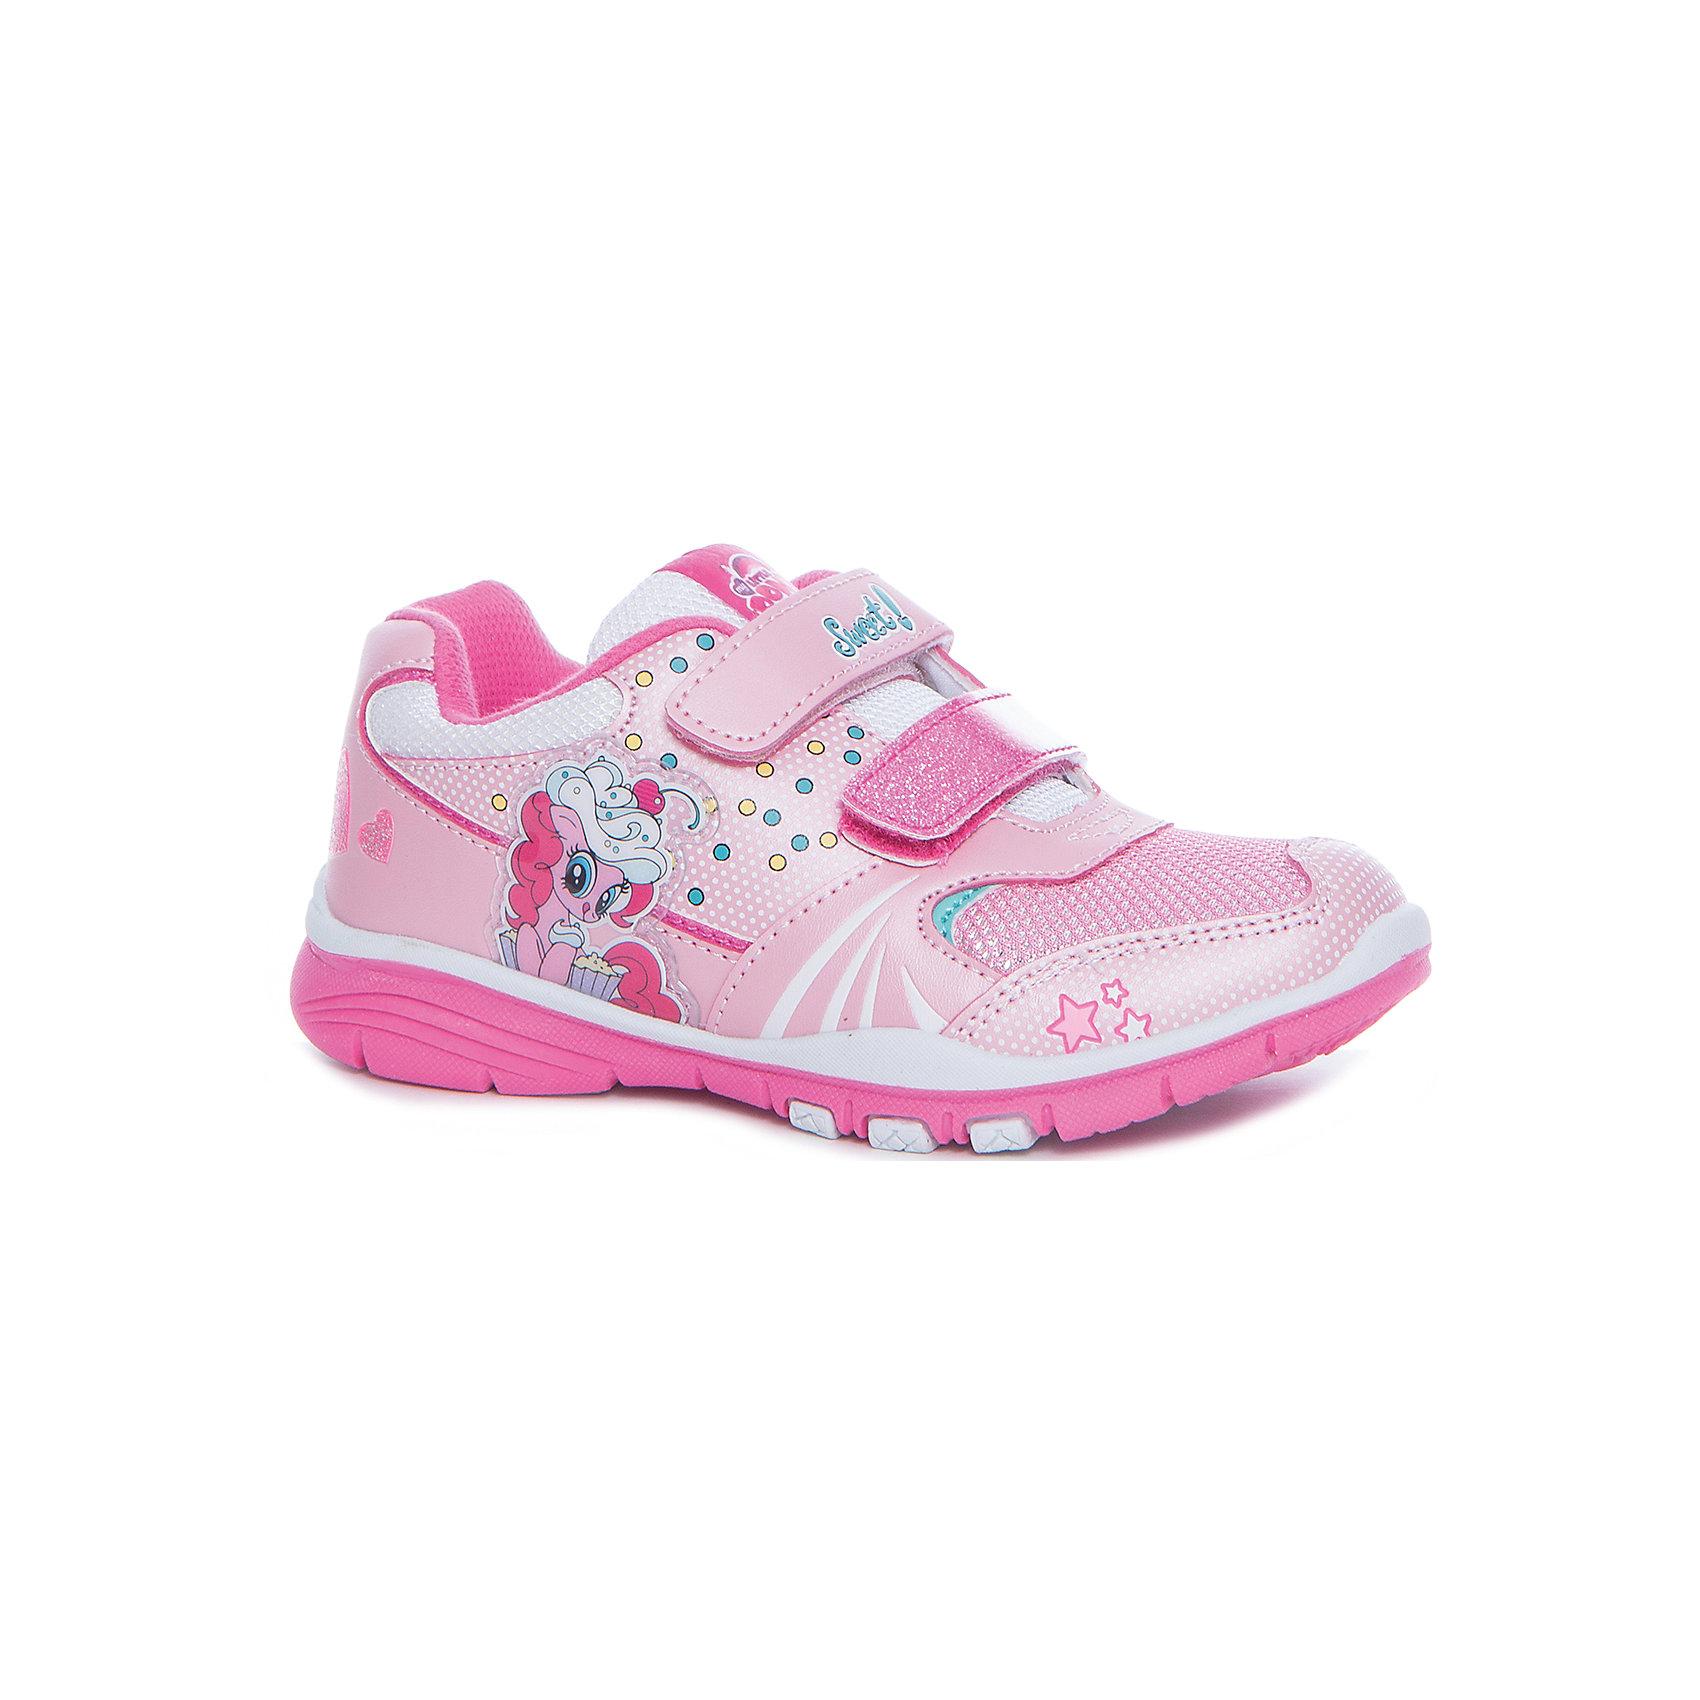 Кроссовки My Little Pony для девочки KAKADU, розовыйКроссовки<br>Характеристики товара:<br><br>• цвет: розовый<br>• принт: Мой маленький пони<br>• внешний материал обуви: искуственная кожа, текстиль<br>• внутренний материал: текстиль<br>• стелька:текстиль (съемная)<br>• подошва: ТЭП<br>• вид обуви: спортивный стиль<br>• тип застежки: на липучке<br>• сезон: весна-осень<br>• температурный режим: от +10°до +20°С<br>• страна бренда: Россия<br>• страна изготовитель: Китай<br><br>Кроссовки My Little Pony бренда Какаду будут радовать девочку во время прогулок. Они созданы из качественных сертифицированных материалов. <br><br>Подкладка из натурального хлопка обеспечивает воздухообмен и комфортный микроклимат вне зависимости от погоды. Подошва из термопластичной резины кроме хорошей амортизации обладает влагоотталкивающими свойствами.<br><br>Кроссовки для девочек KAKADU можно купить в нашем интернет-магазине.<br><br>Ширина мм: 262<br>Глубина мм: 176<br>Высота мм: 97<br>Вес г: 427<br>Цвет: фиолетовый<br>Возраст от месяцев: 72<br>Возраст до месяцев: 84<br>Пол: Женский<br>Возраст: Детский<br>Размер: 29,30,25,26,27,28<br>SKU: 5562964